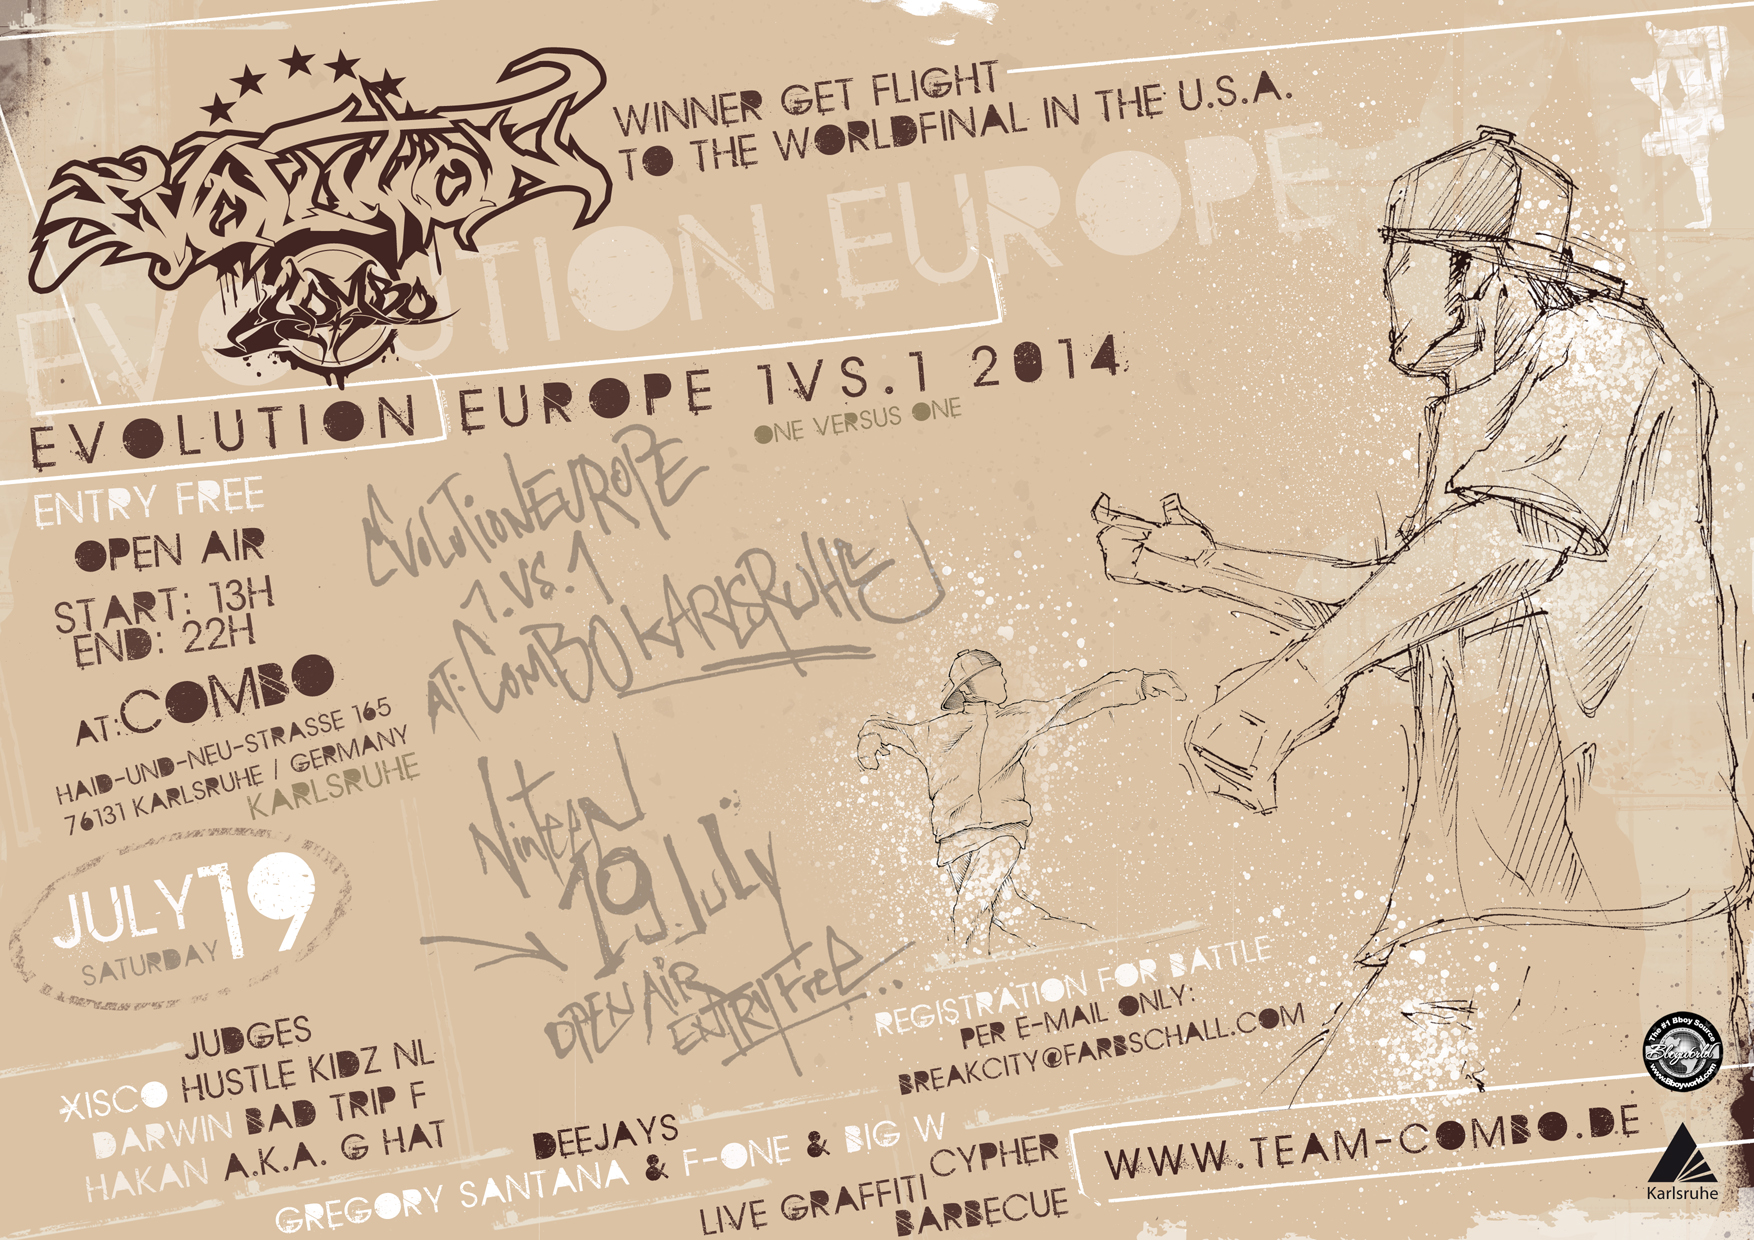 Evolutiopn Europe 2014